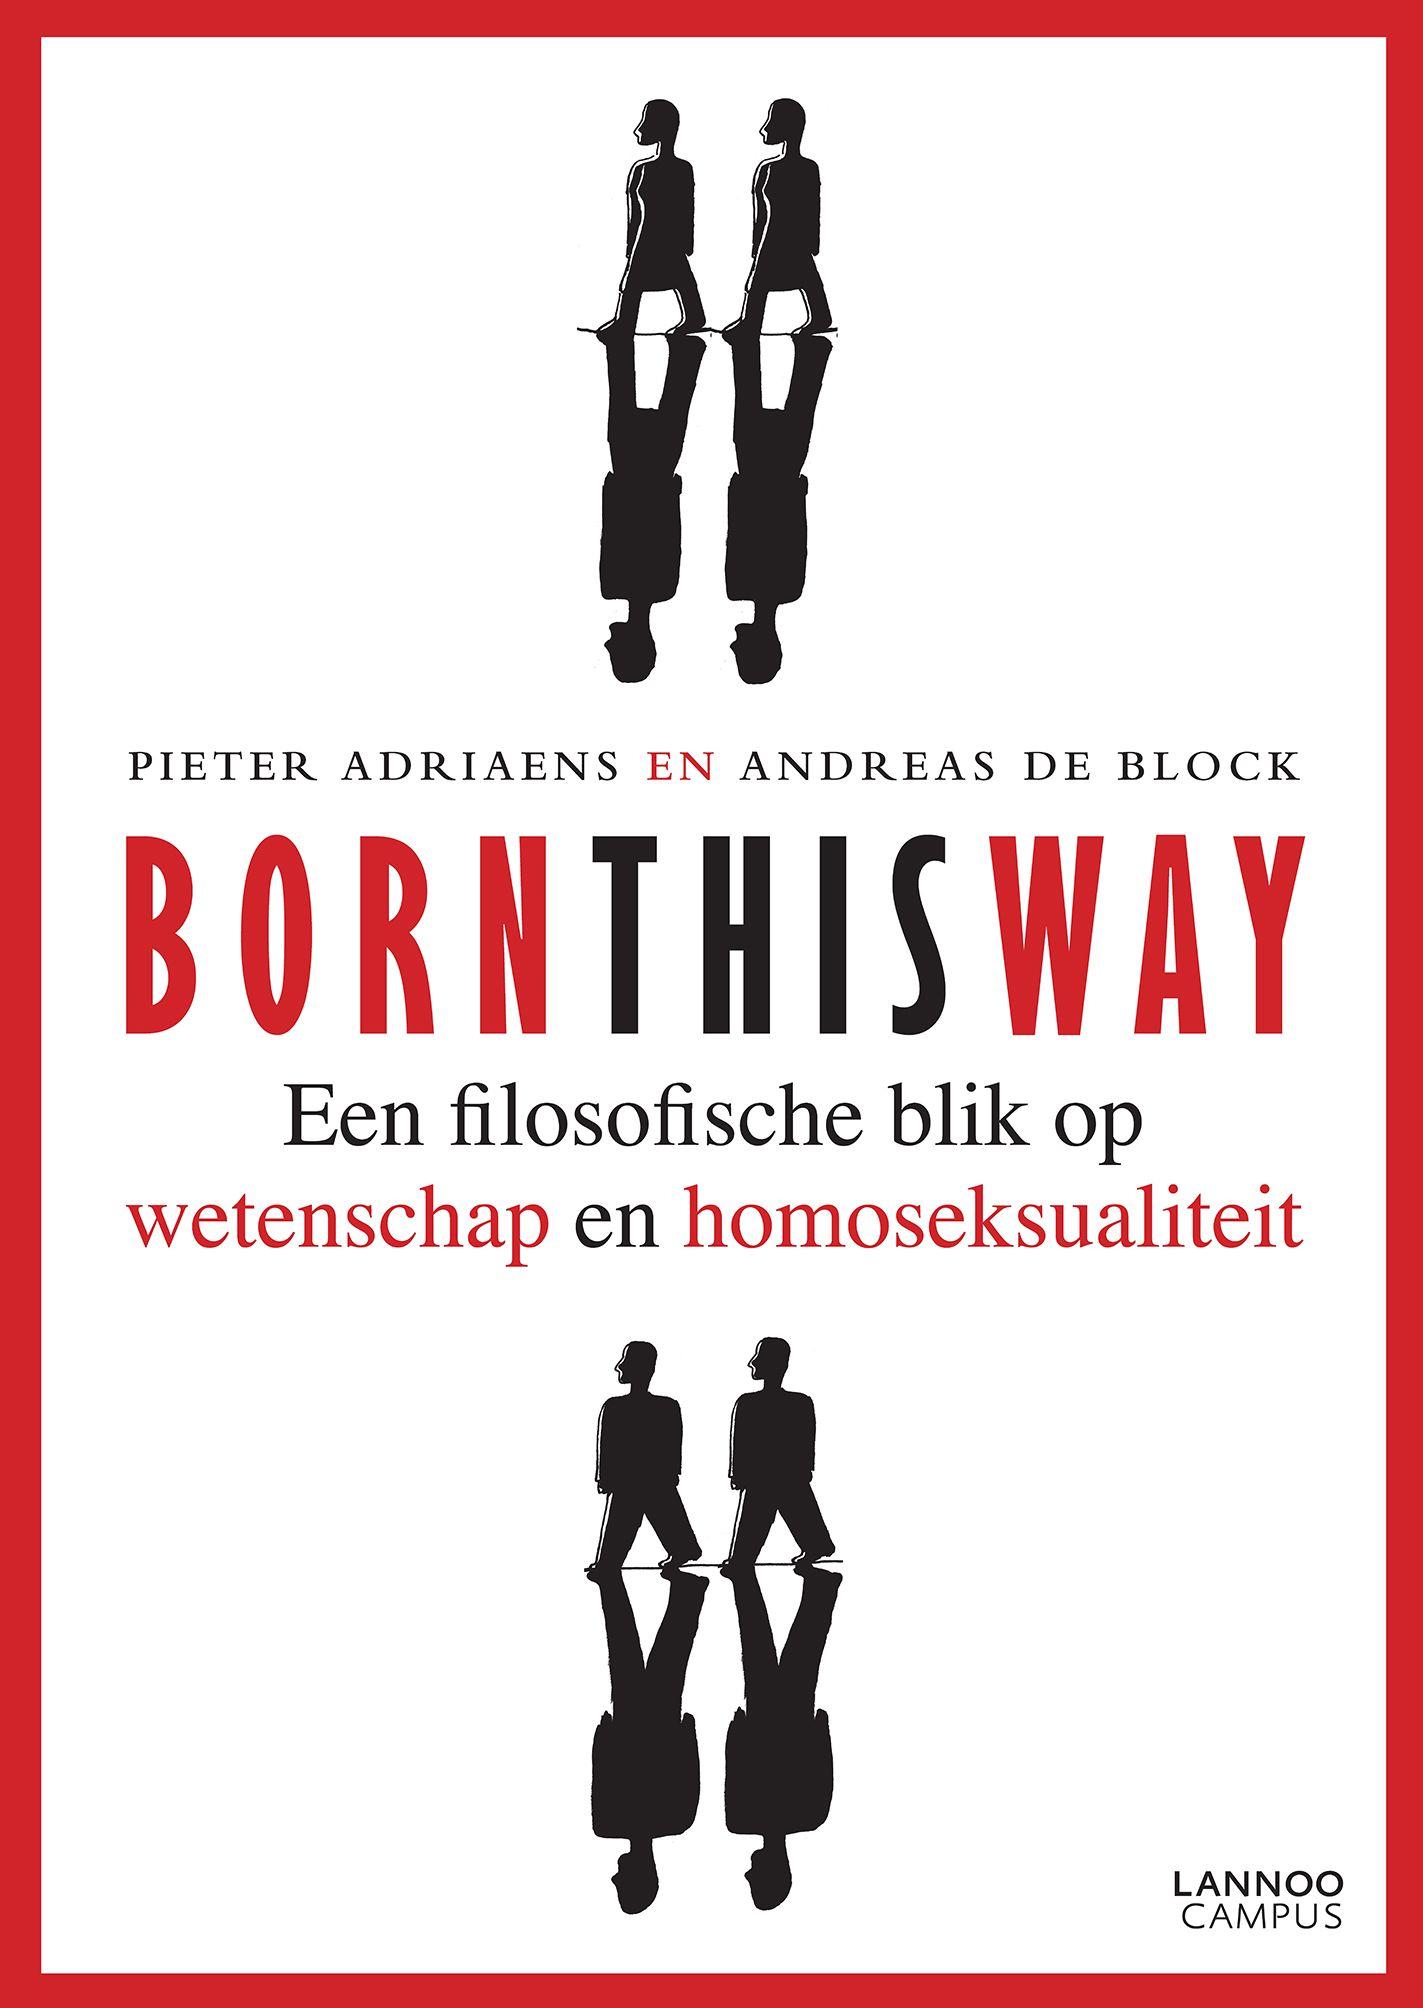 Born this way | Uitgeverij Lannoo